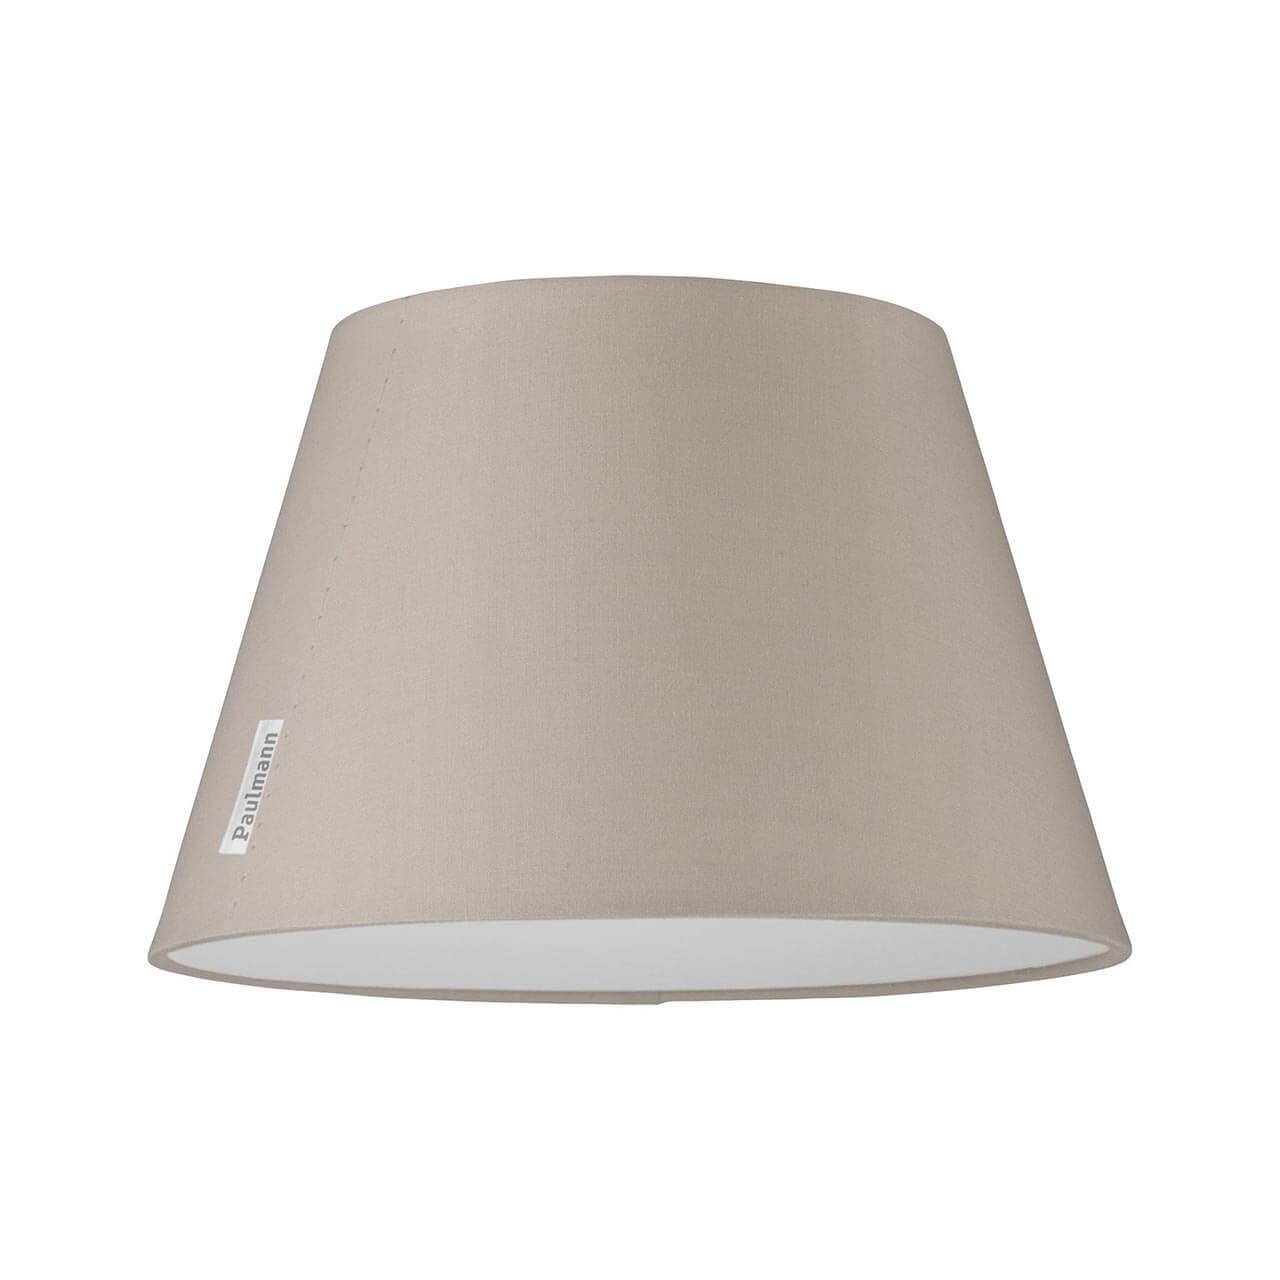 Потолочный светильник Paulmann Mea 70950 paulmann 95275